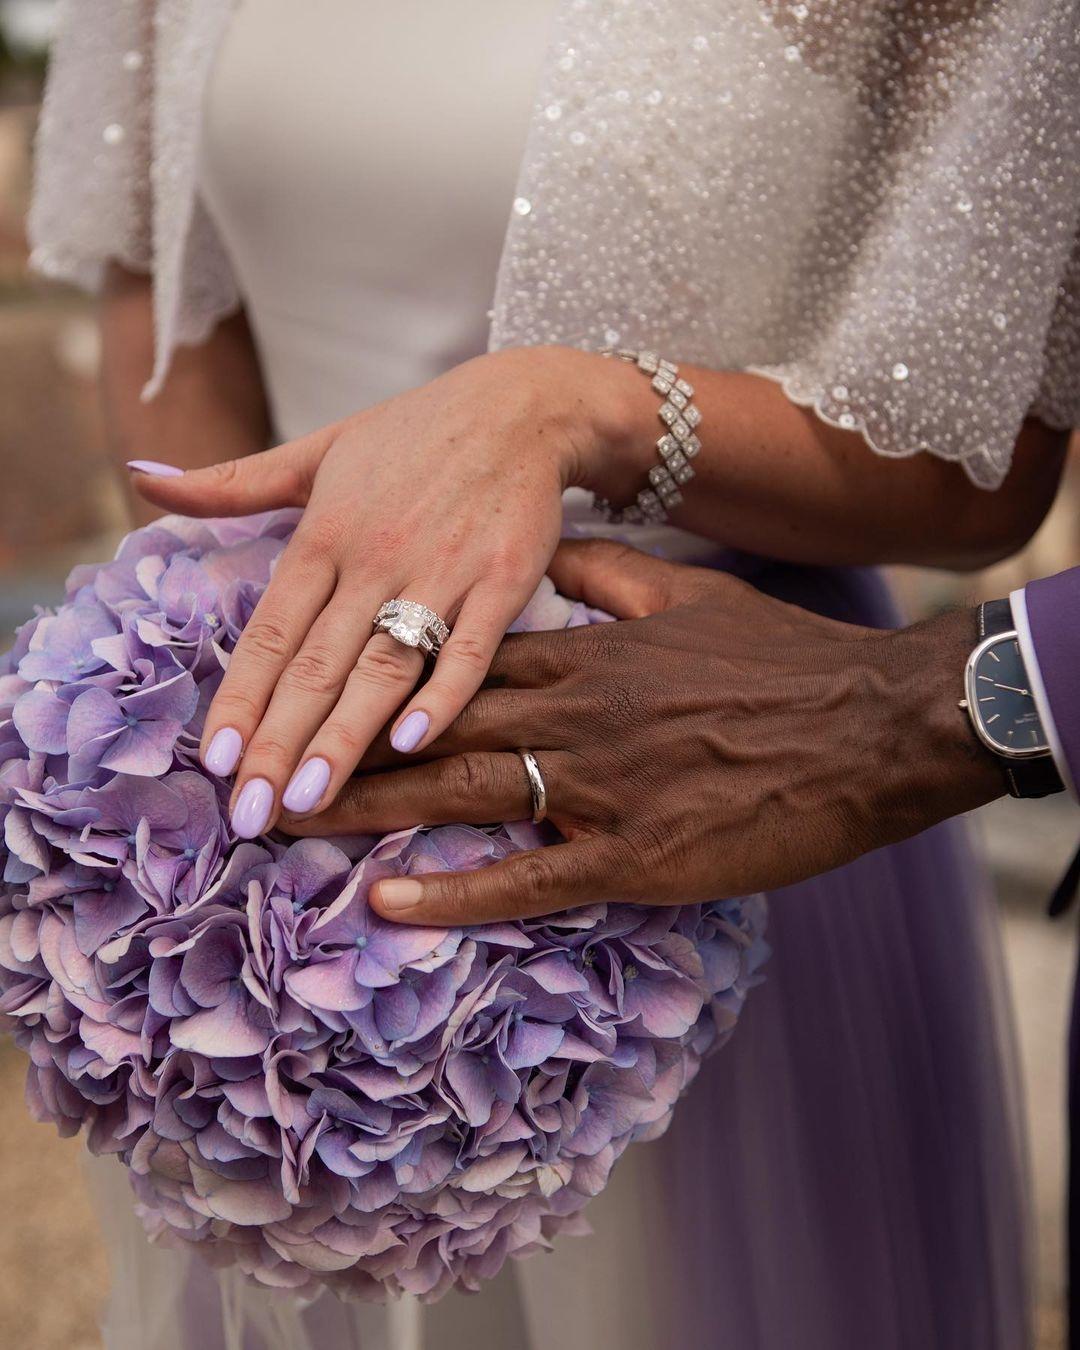 Украинская теннисистка Элина Свитолина вышла замуж - фото №3